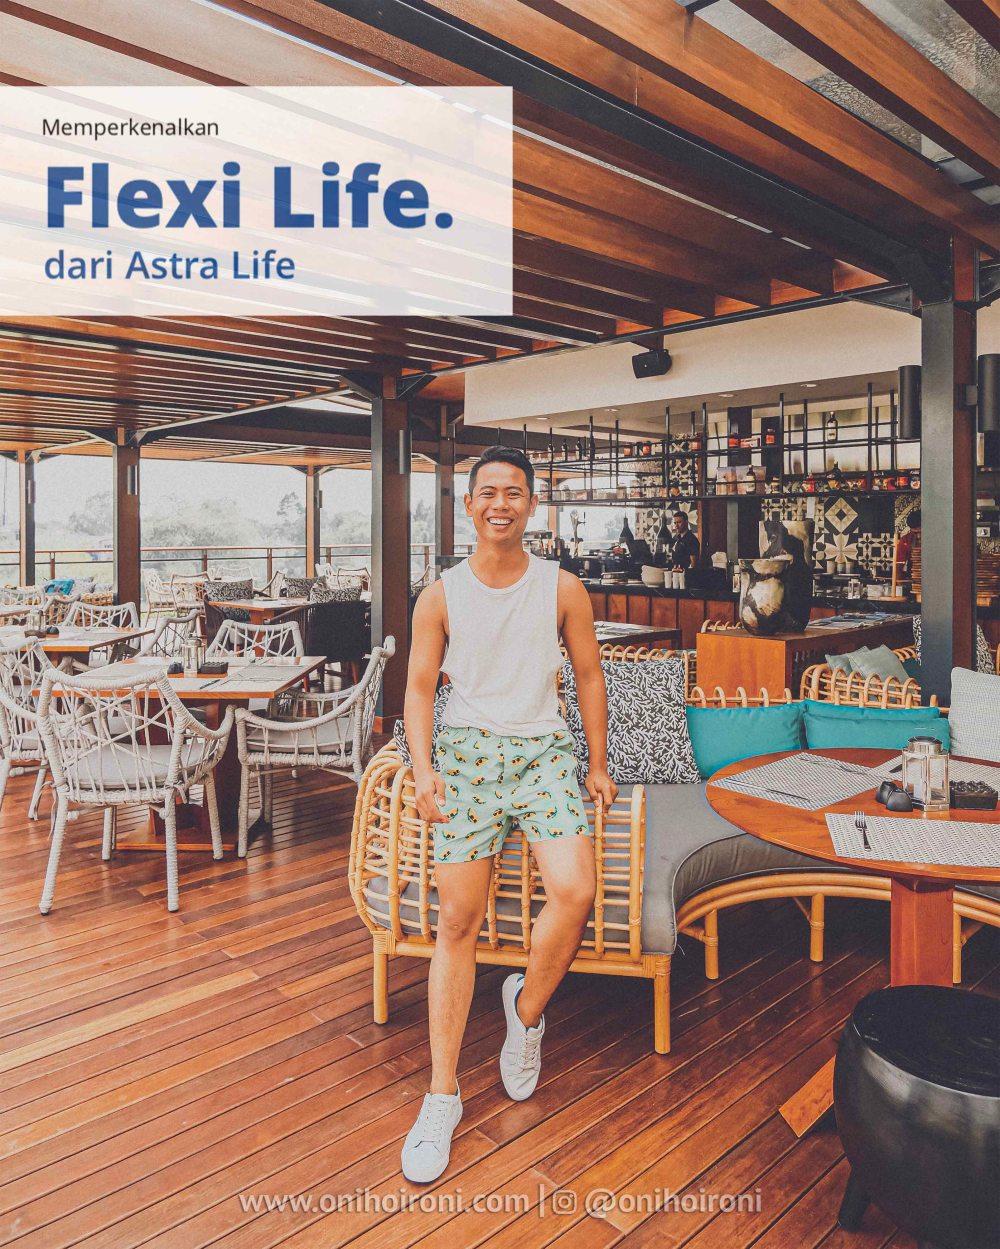 memperkenalkan flexi life dari astra life.jpg